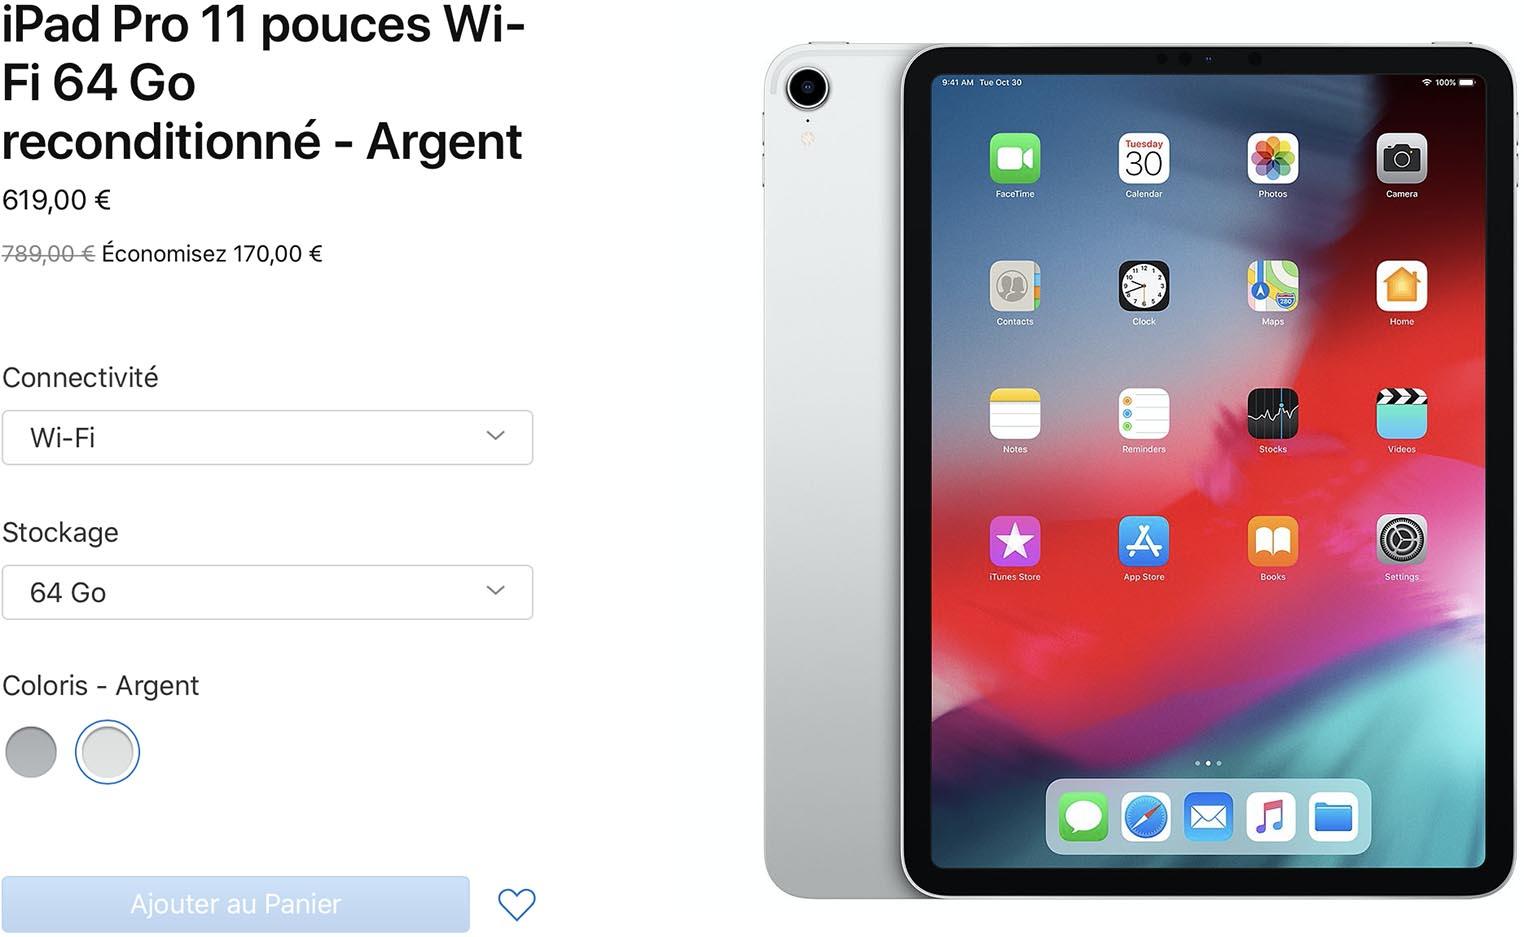 iPad Pro 2018 Refurb